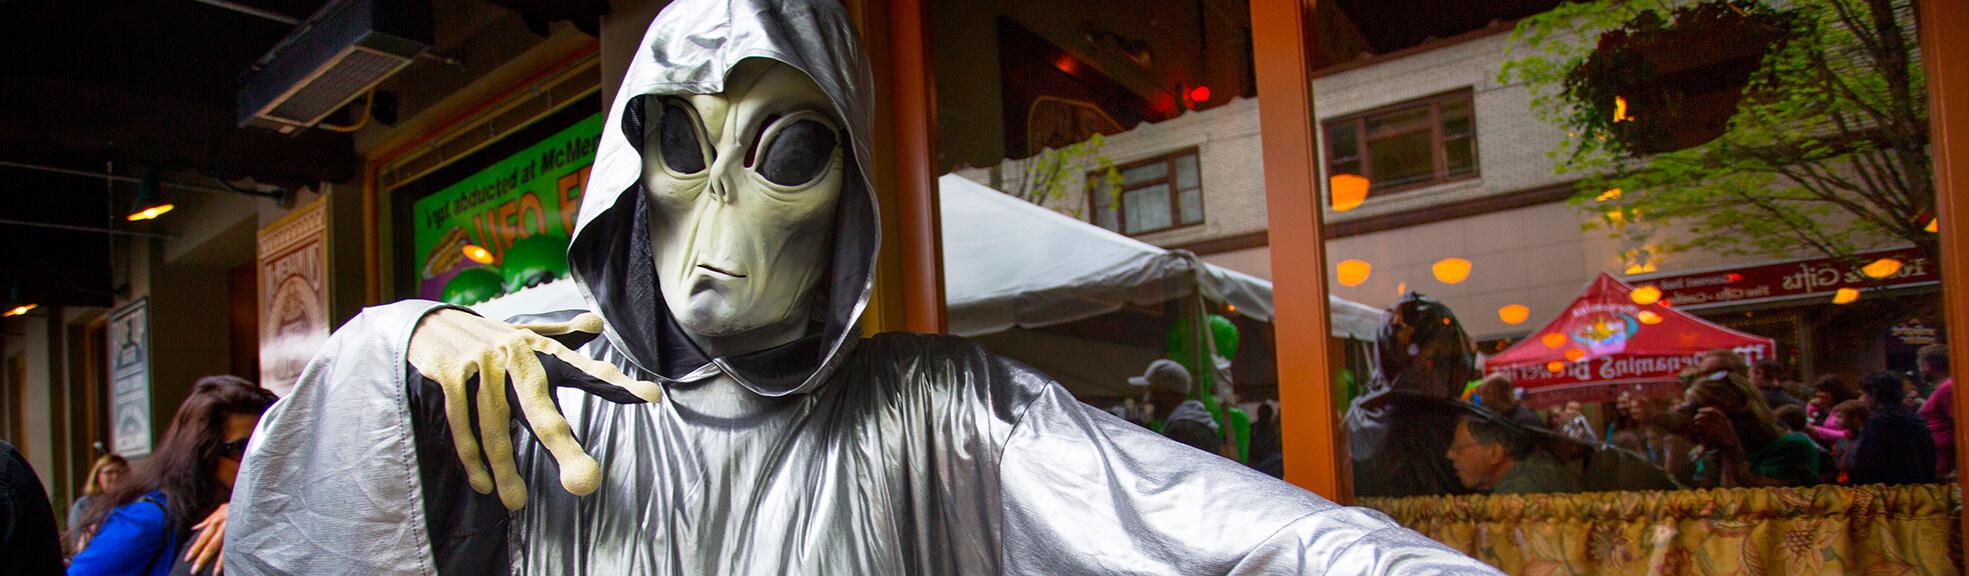 <h3 >McMenamins 18th Annual UFO Festival</h3>